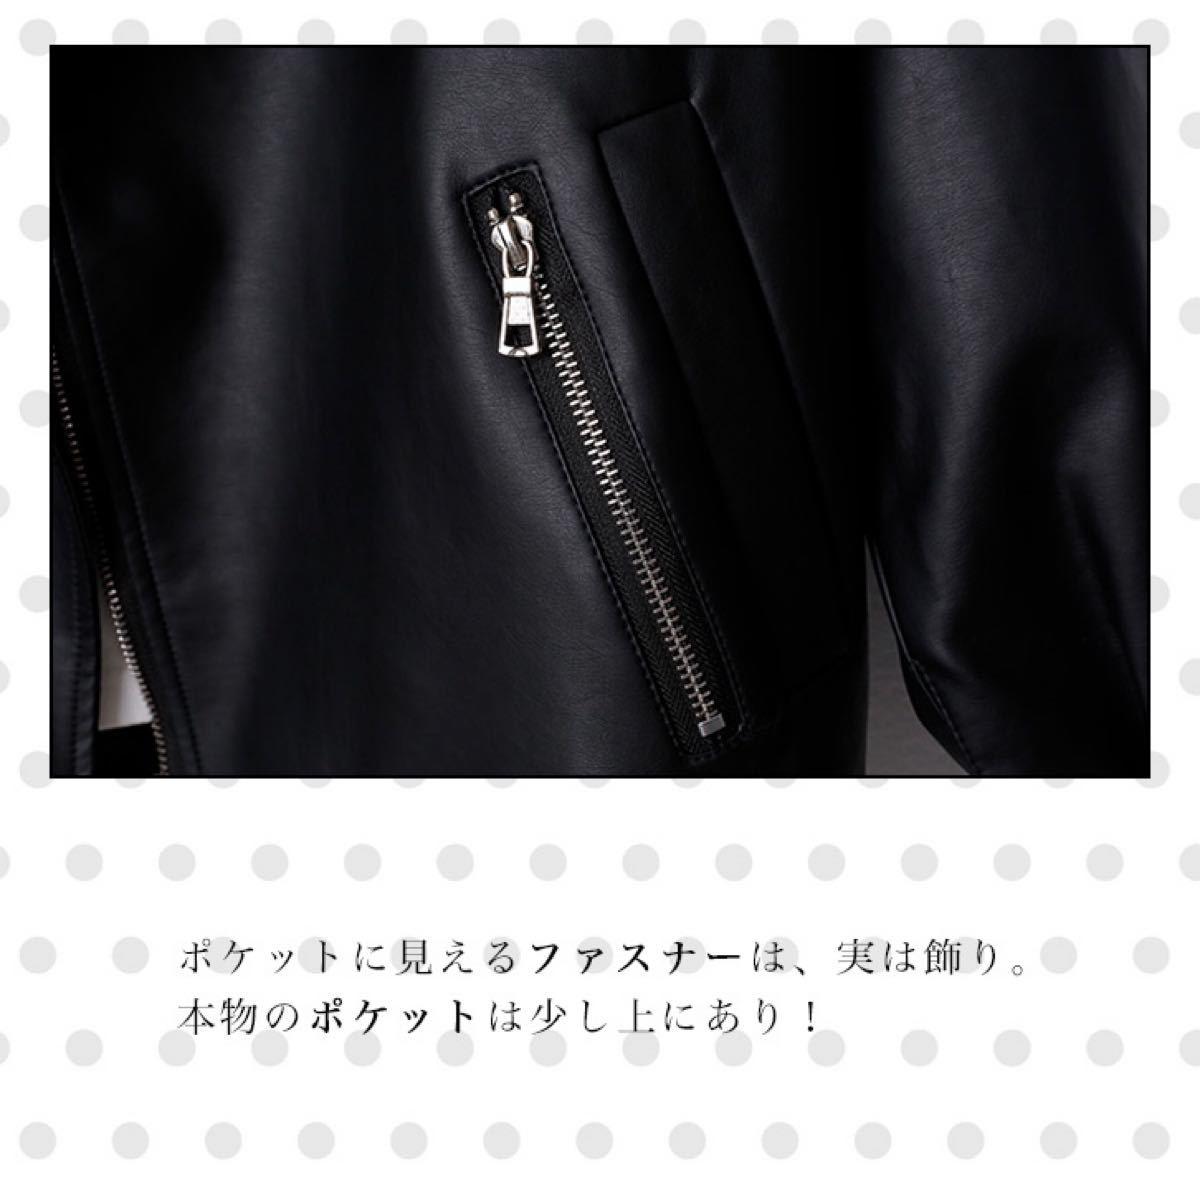 ジャケット レディースジャケット レザージャケット ライダースジャケット